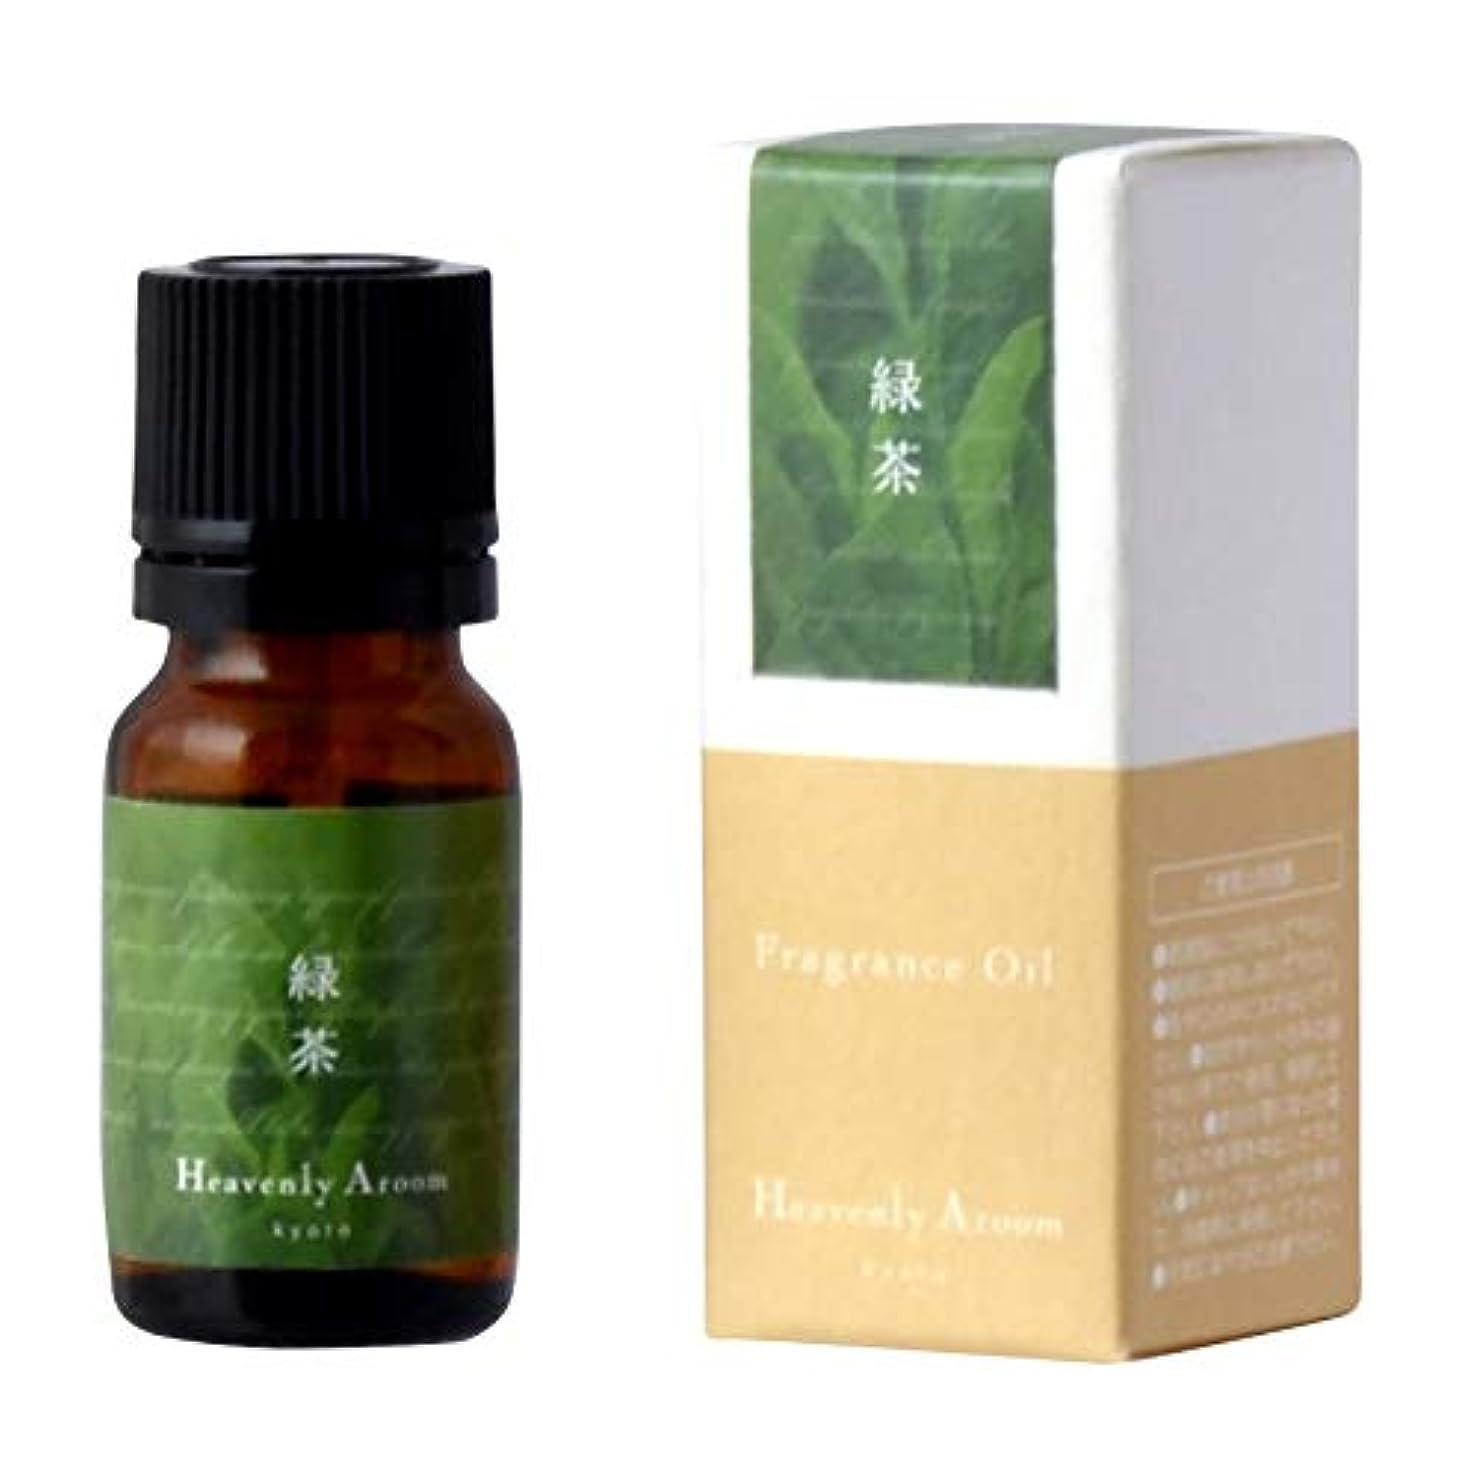 解釈女性相対サイズHeavenly Aroom フレグランスオイル 緑茶 10ml